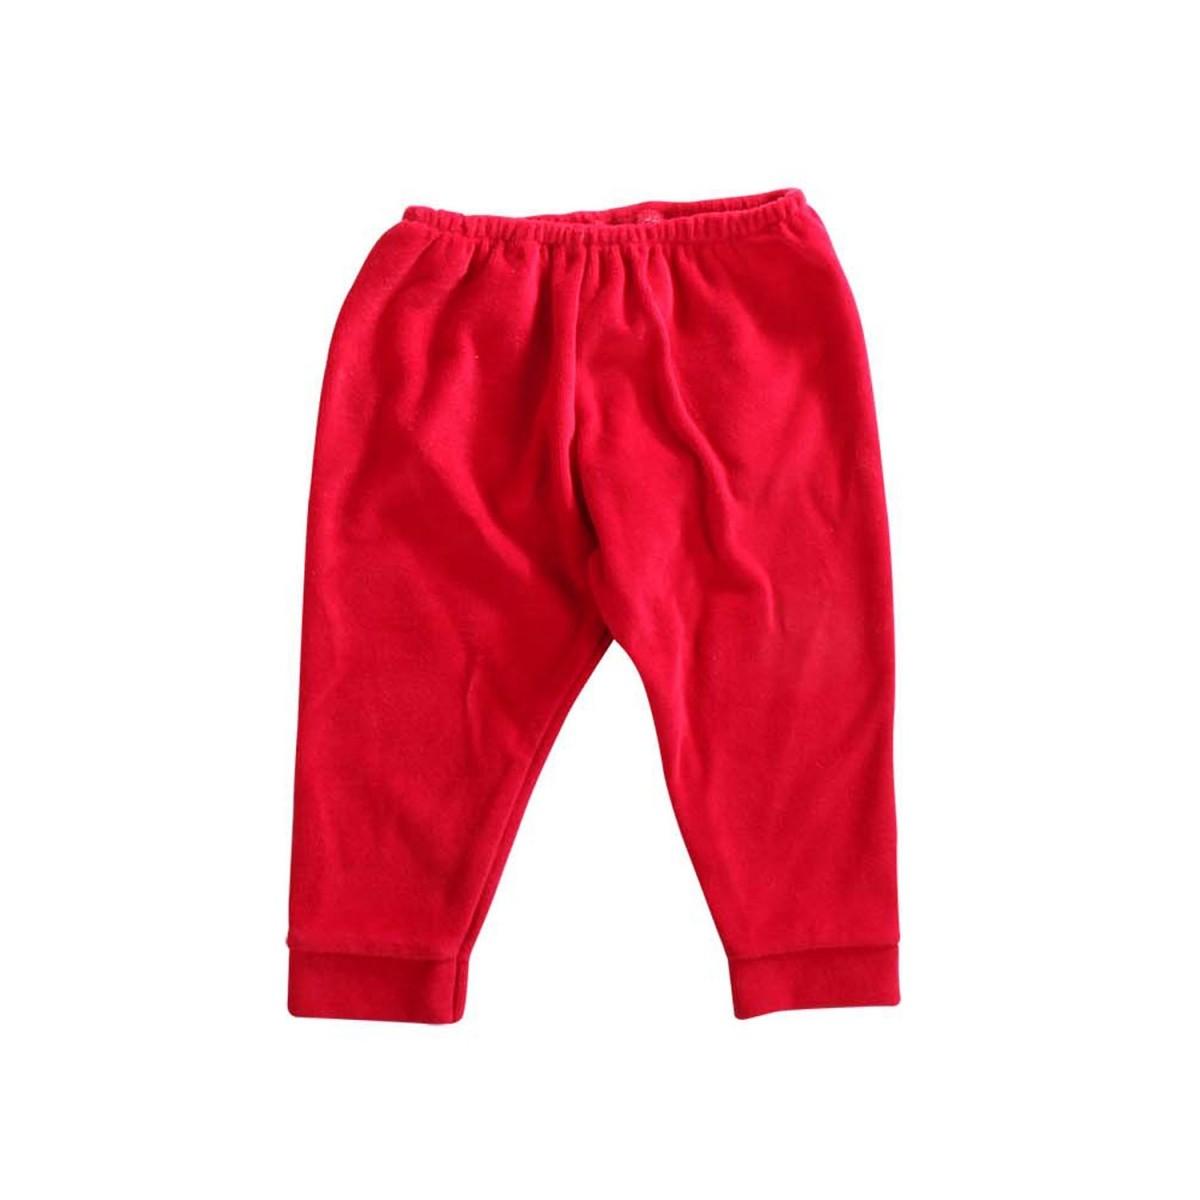 Conjunto Infantil de Plush Vermelho Dardara